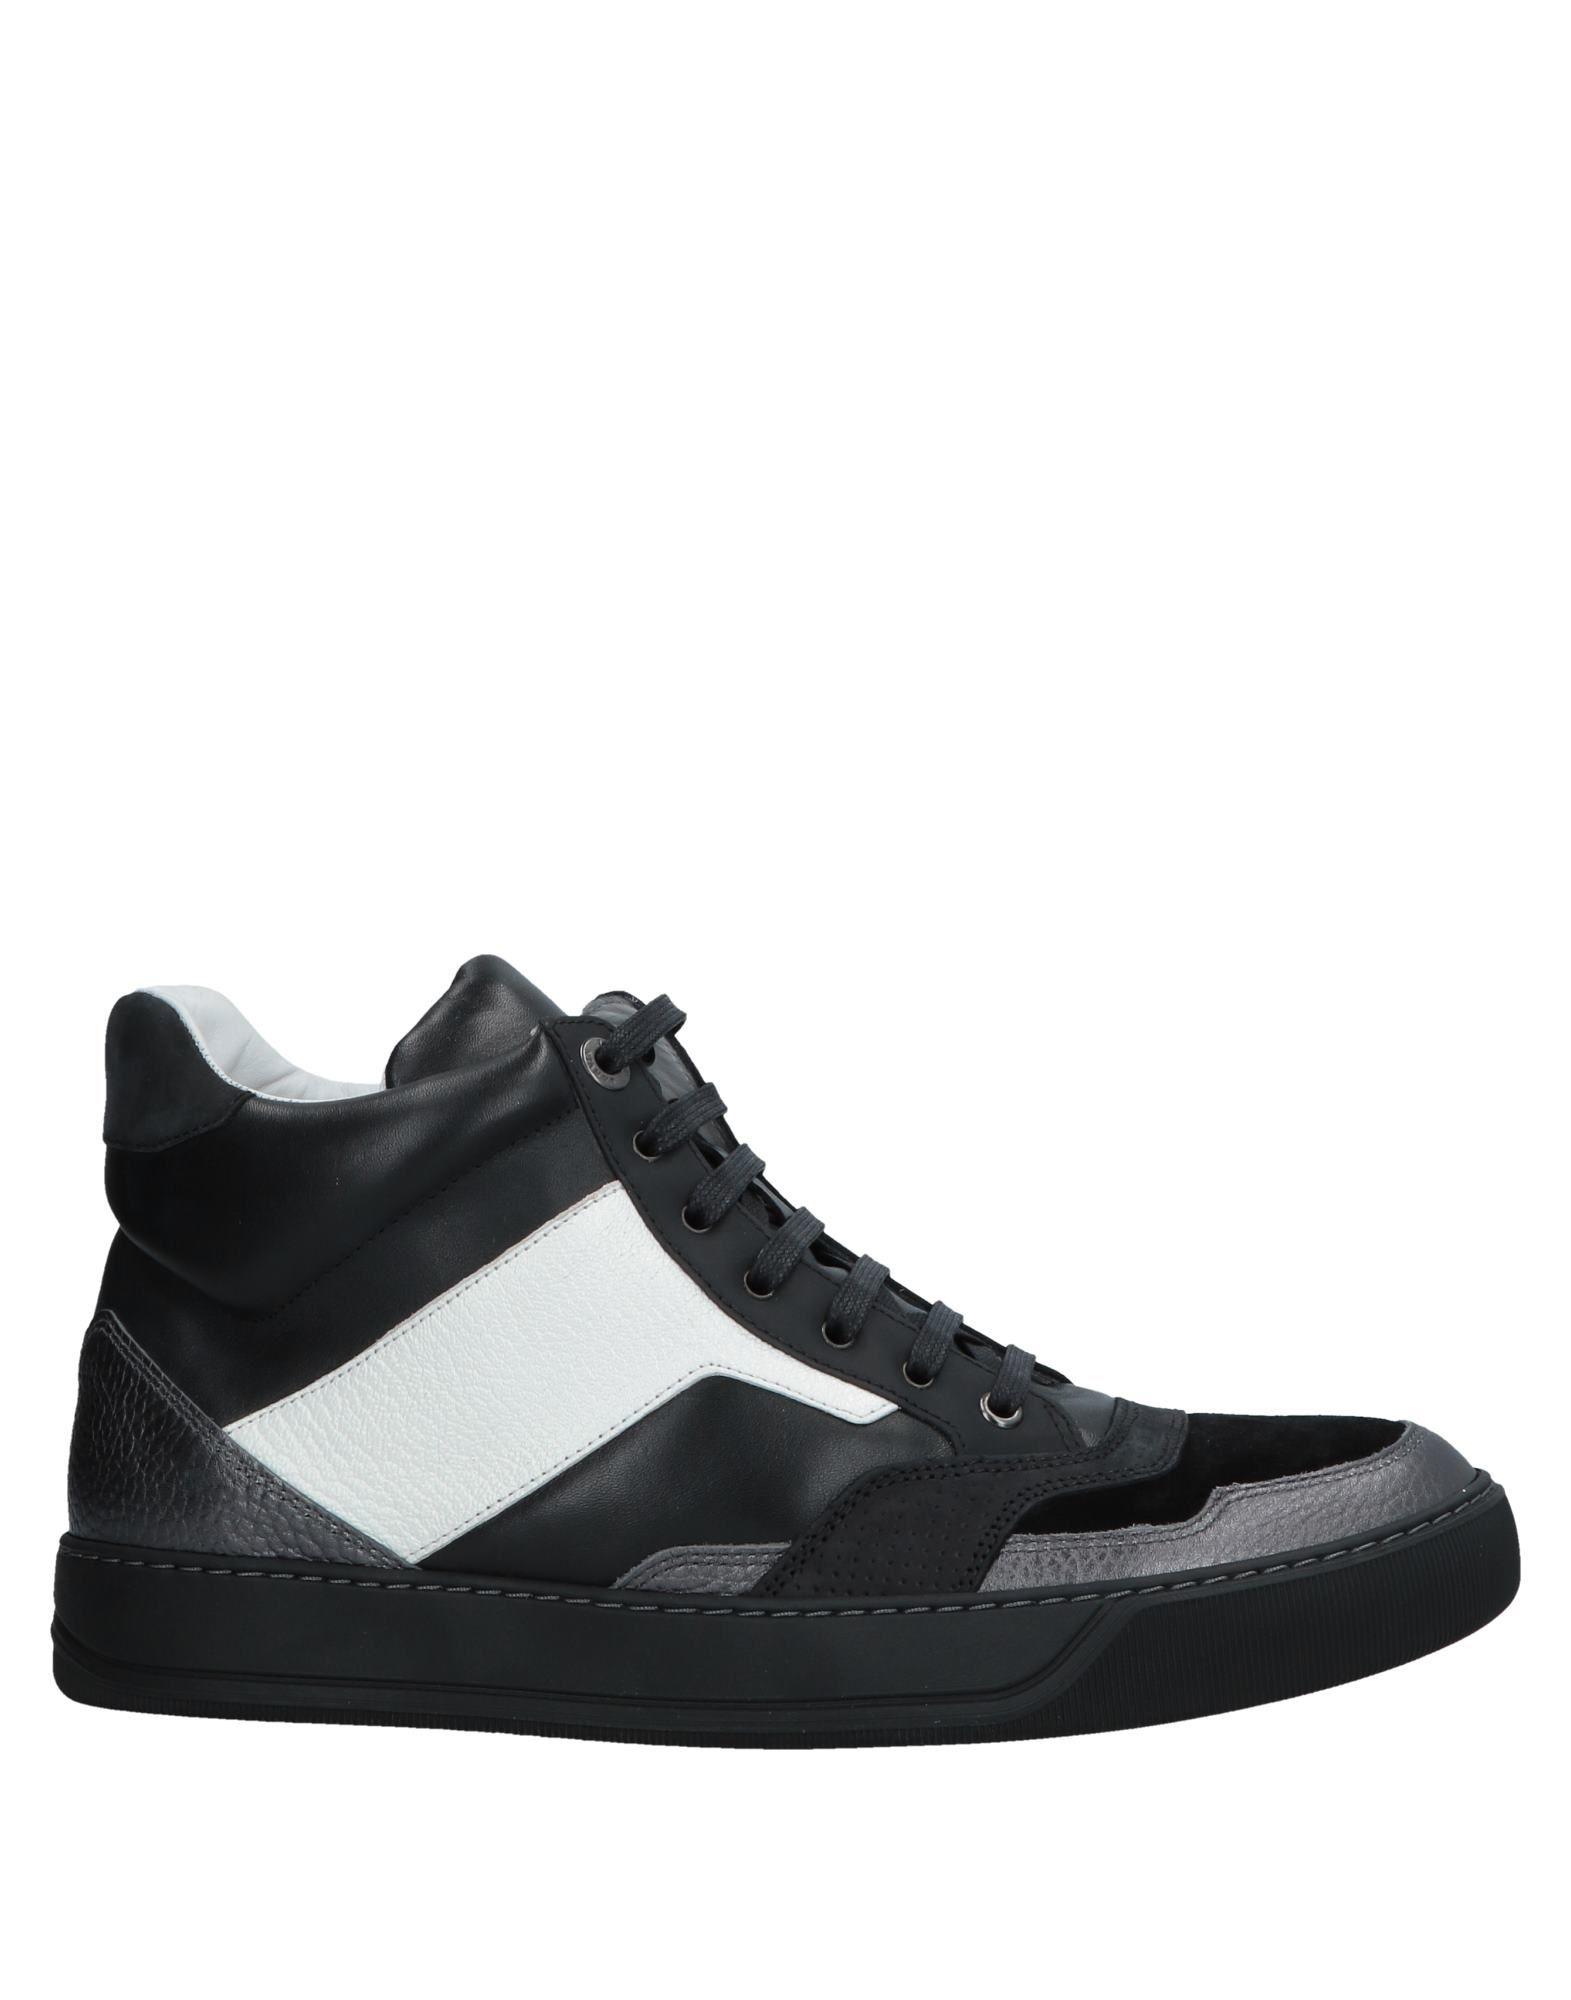 Sneakers Lanvin Homme - Sneakers Lanvin  Noir Remise de marque